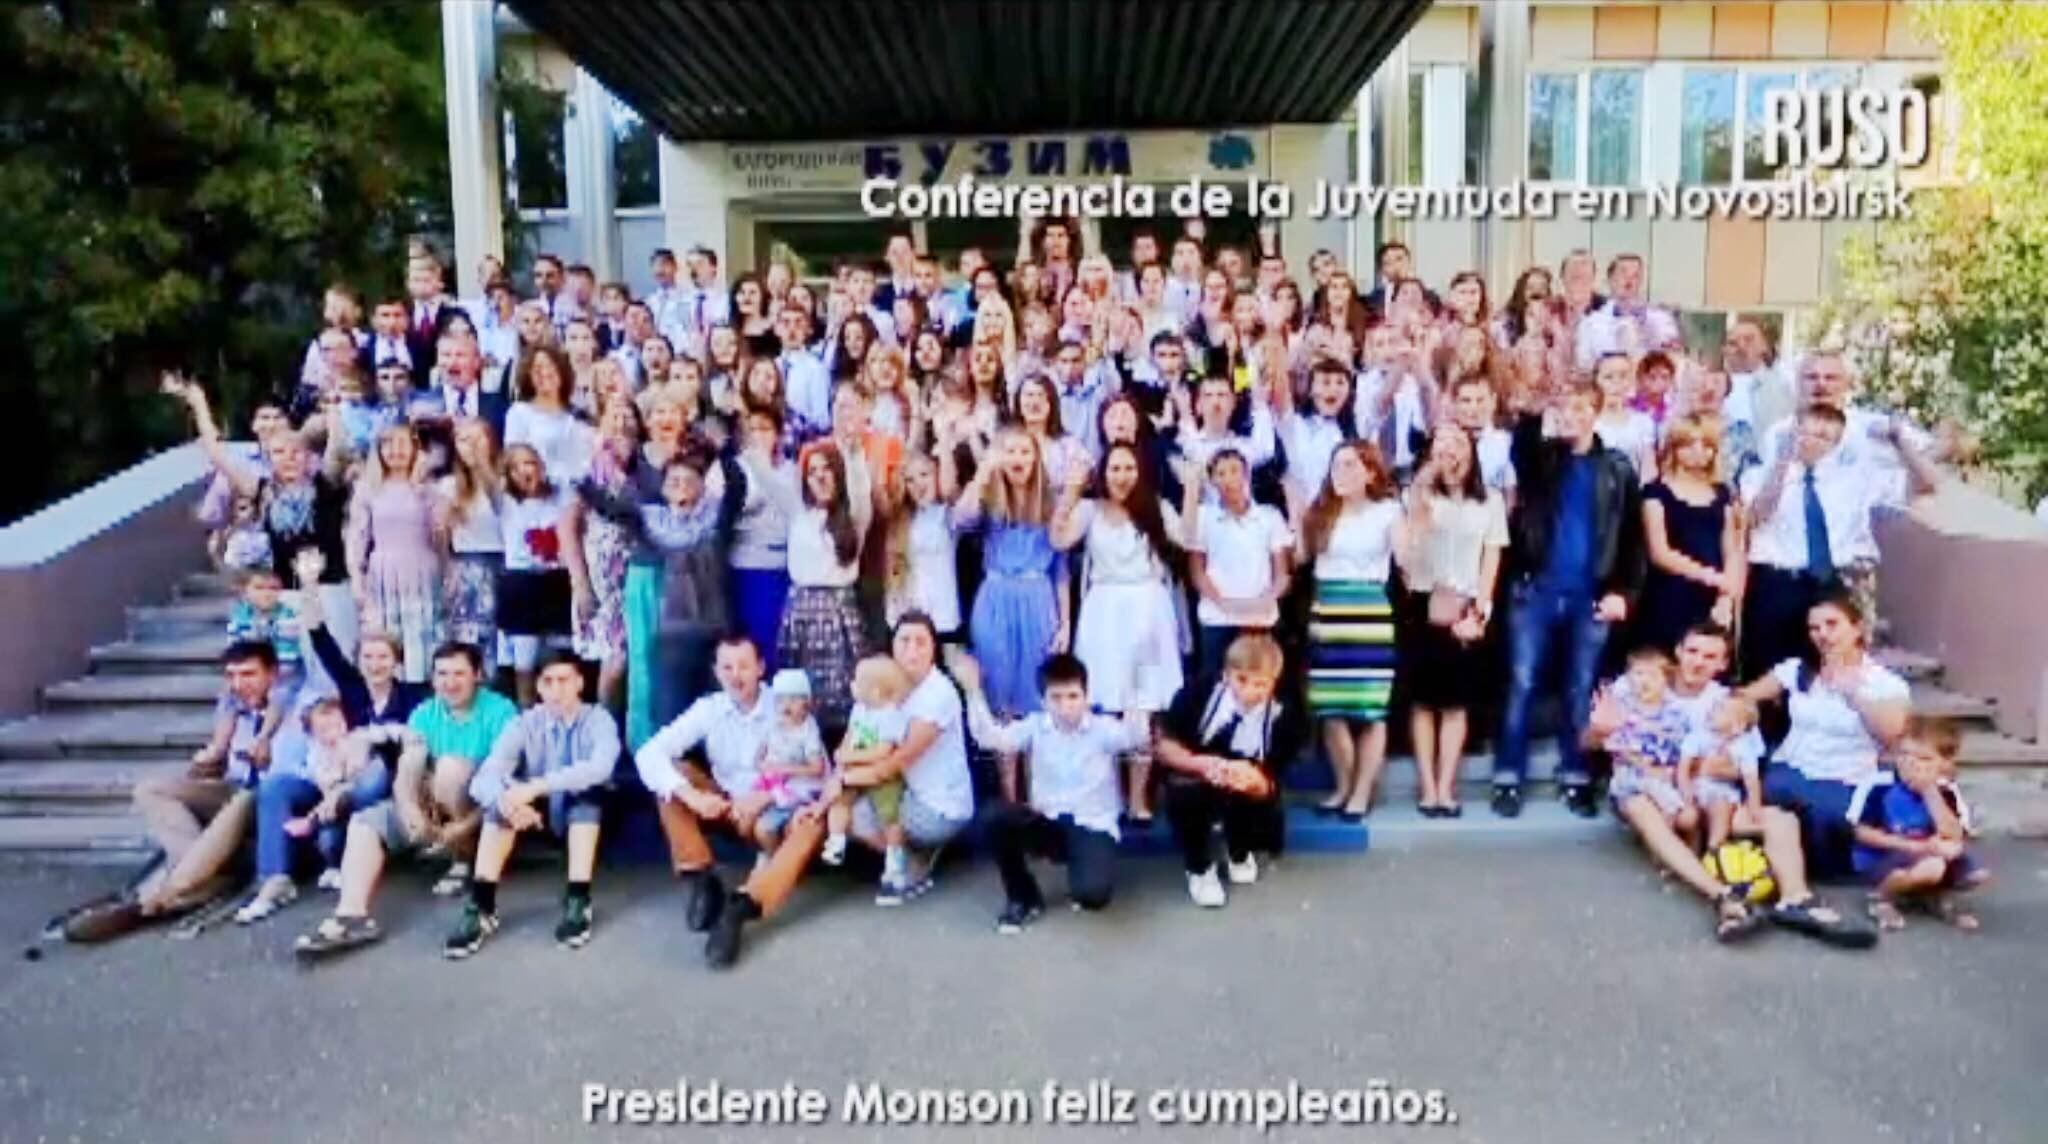 [VIDEO] miembros al rededor del mundo saludan al Presidente Monson por su cumpleaños N° 88